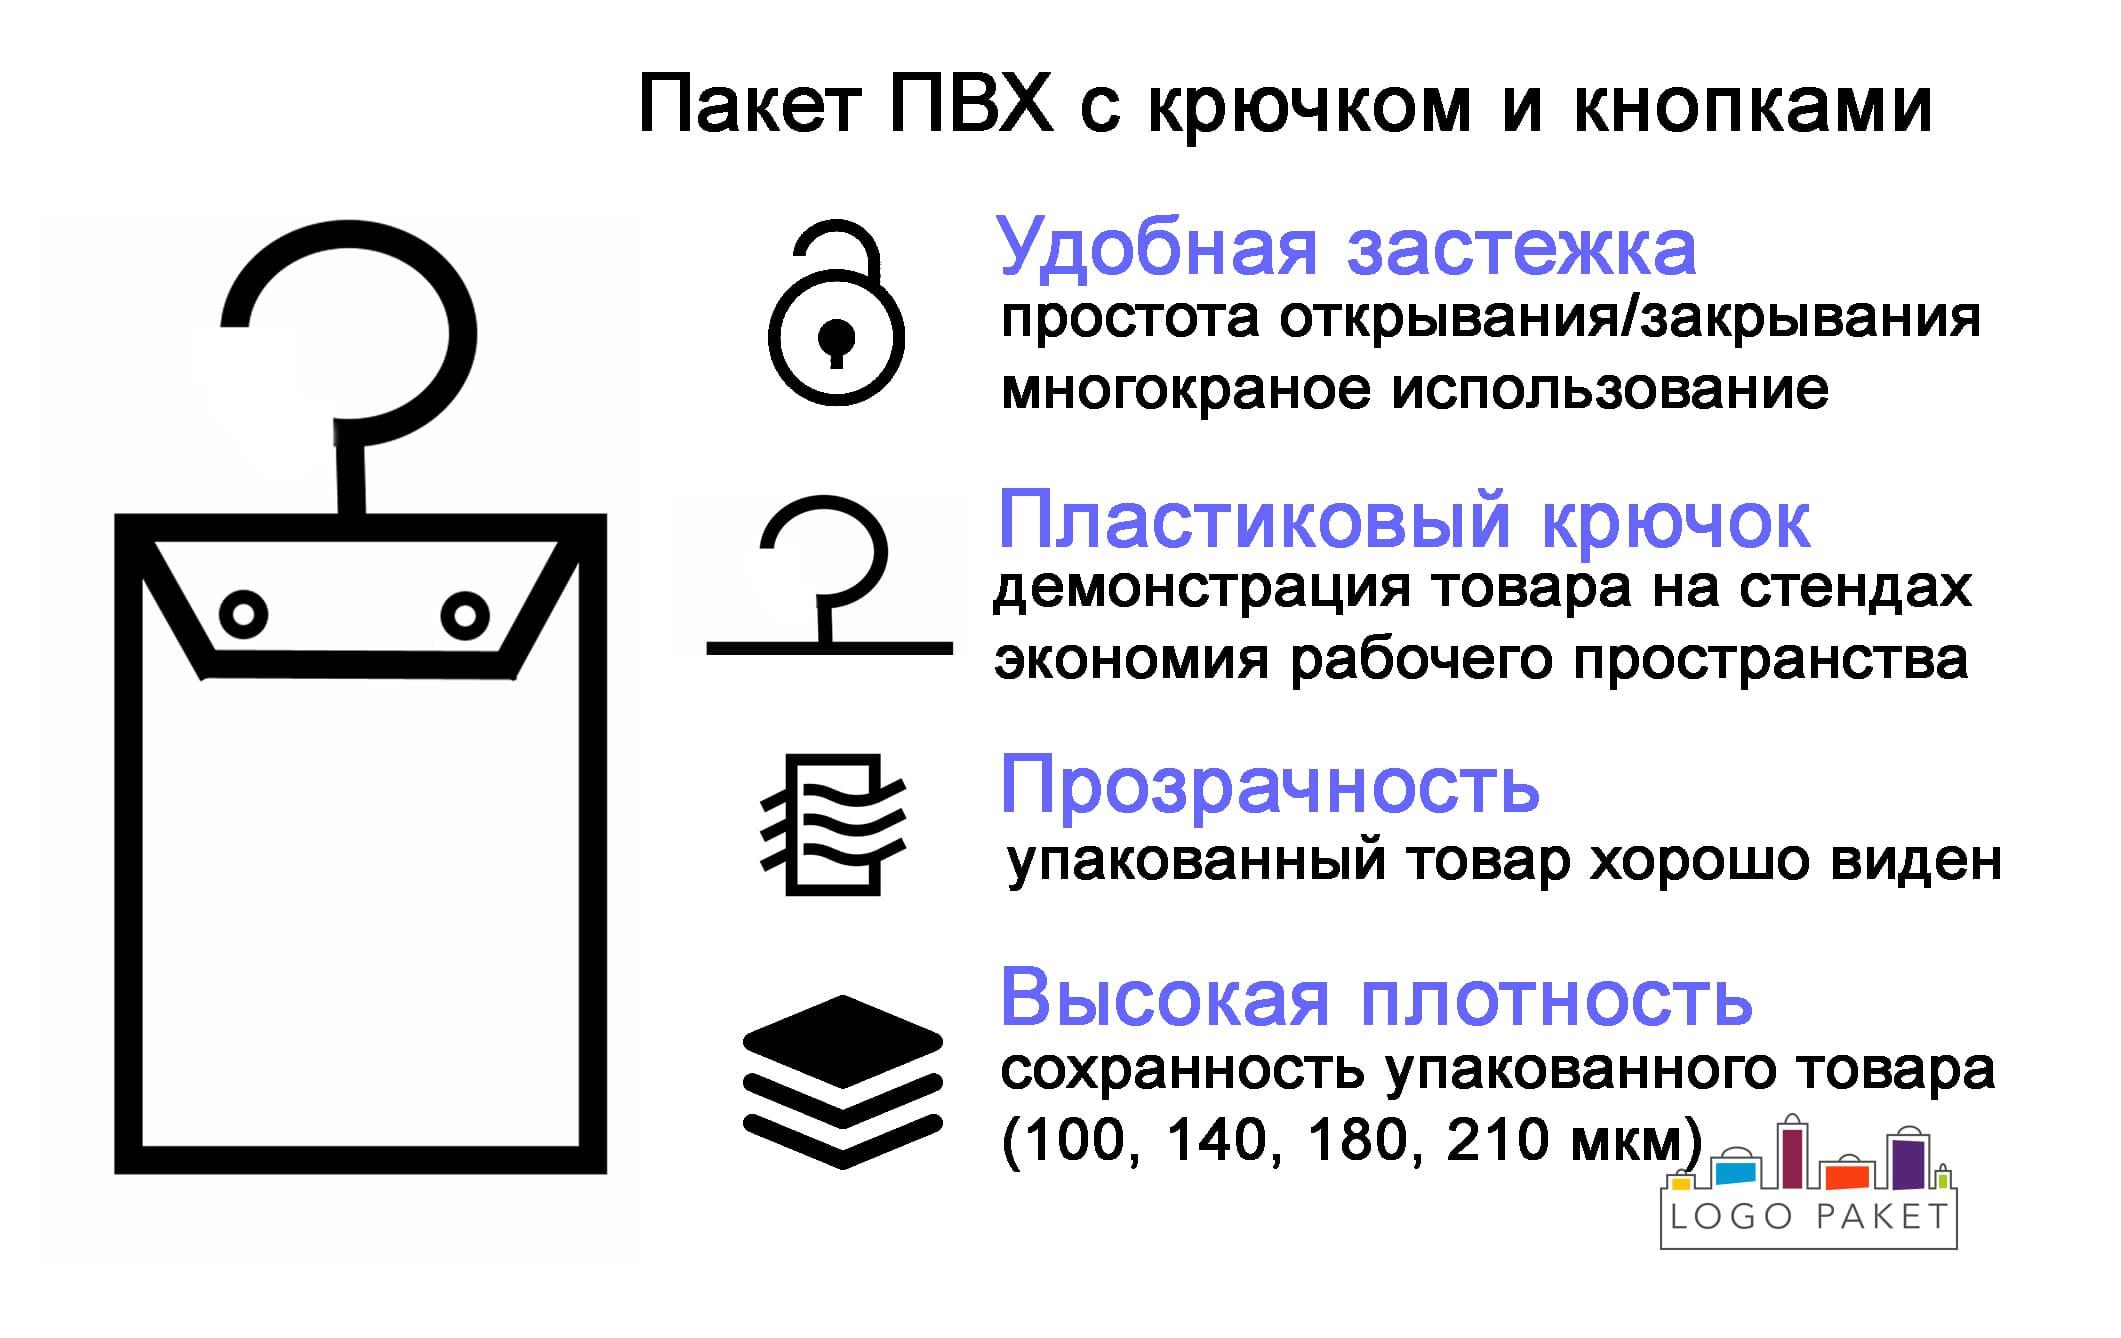 Пакет ПВХ с крючком и кнопками инфографика